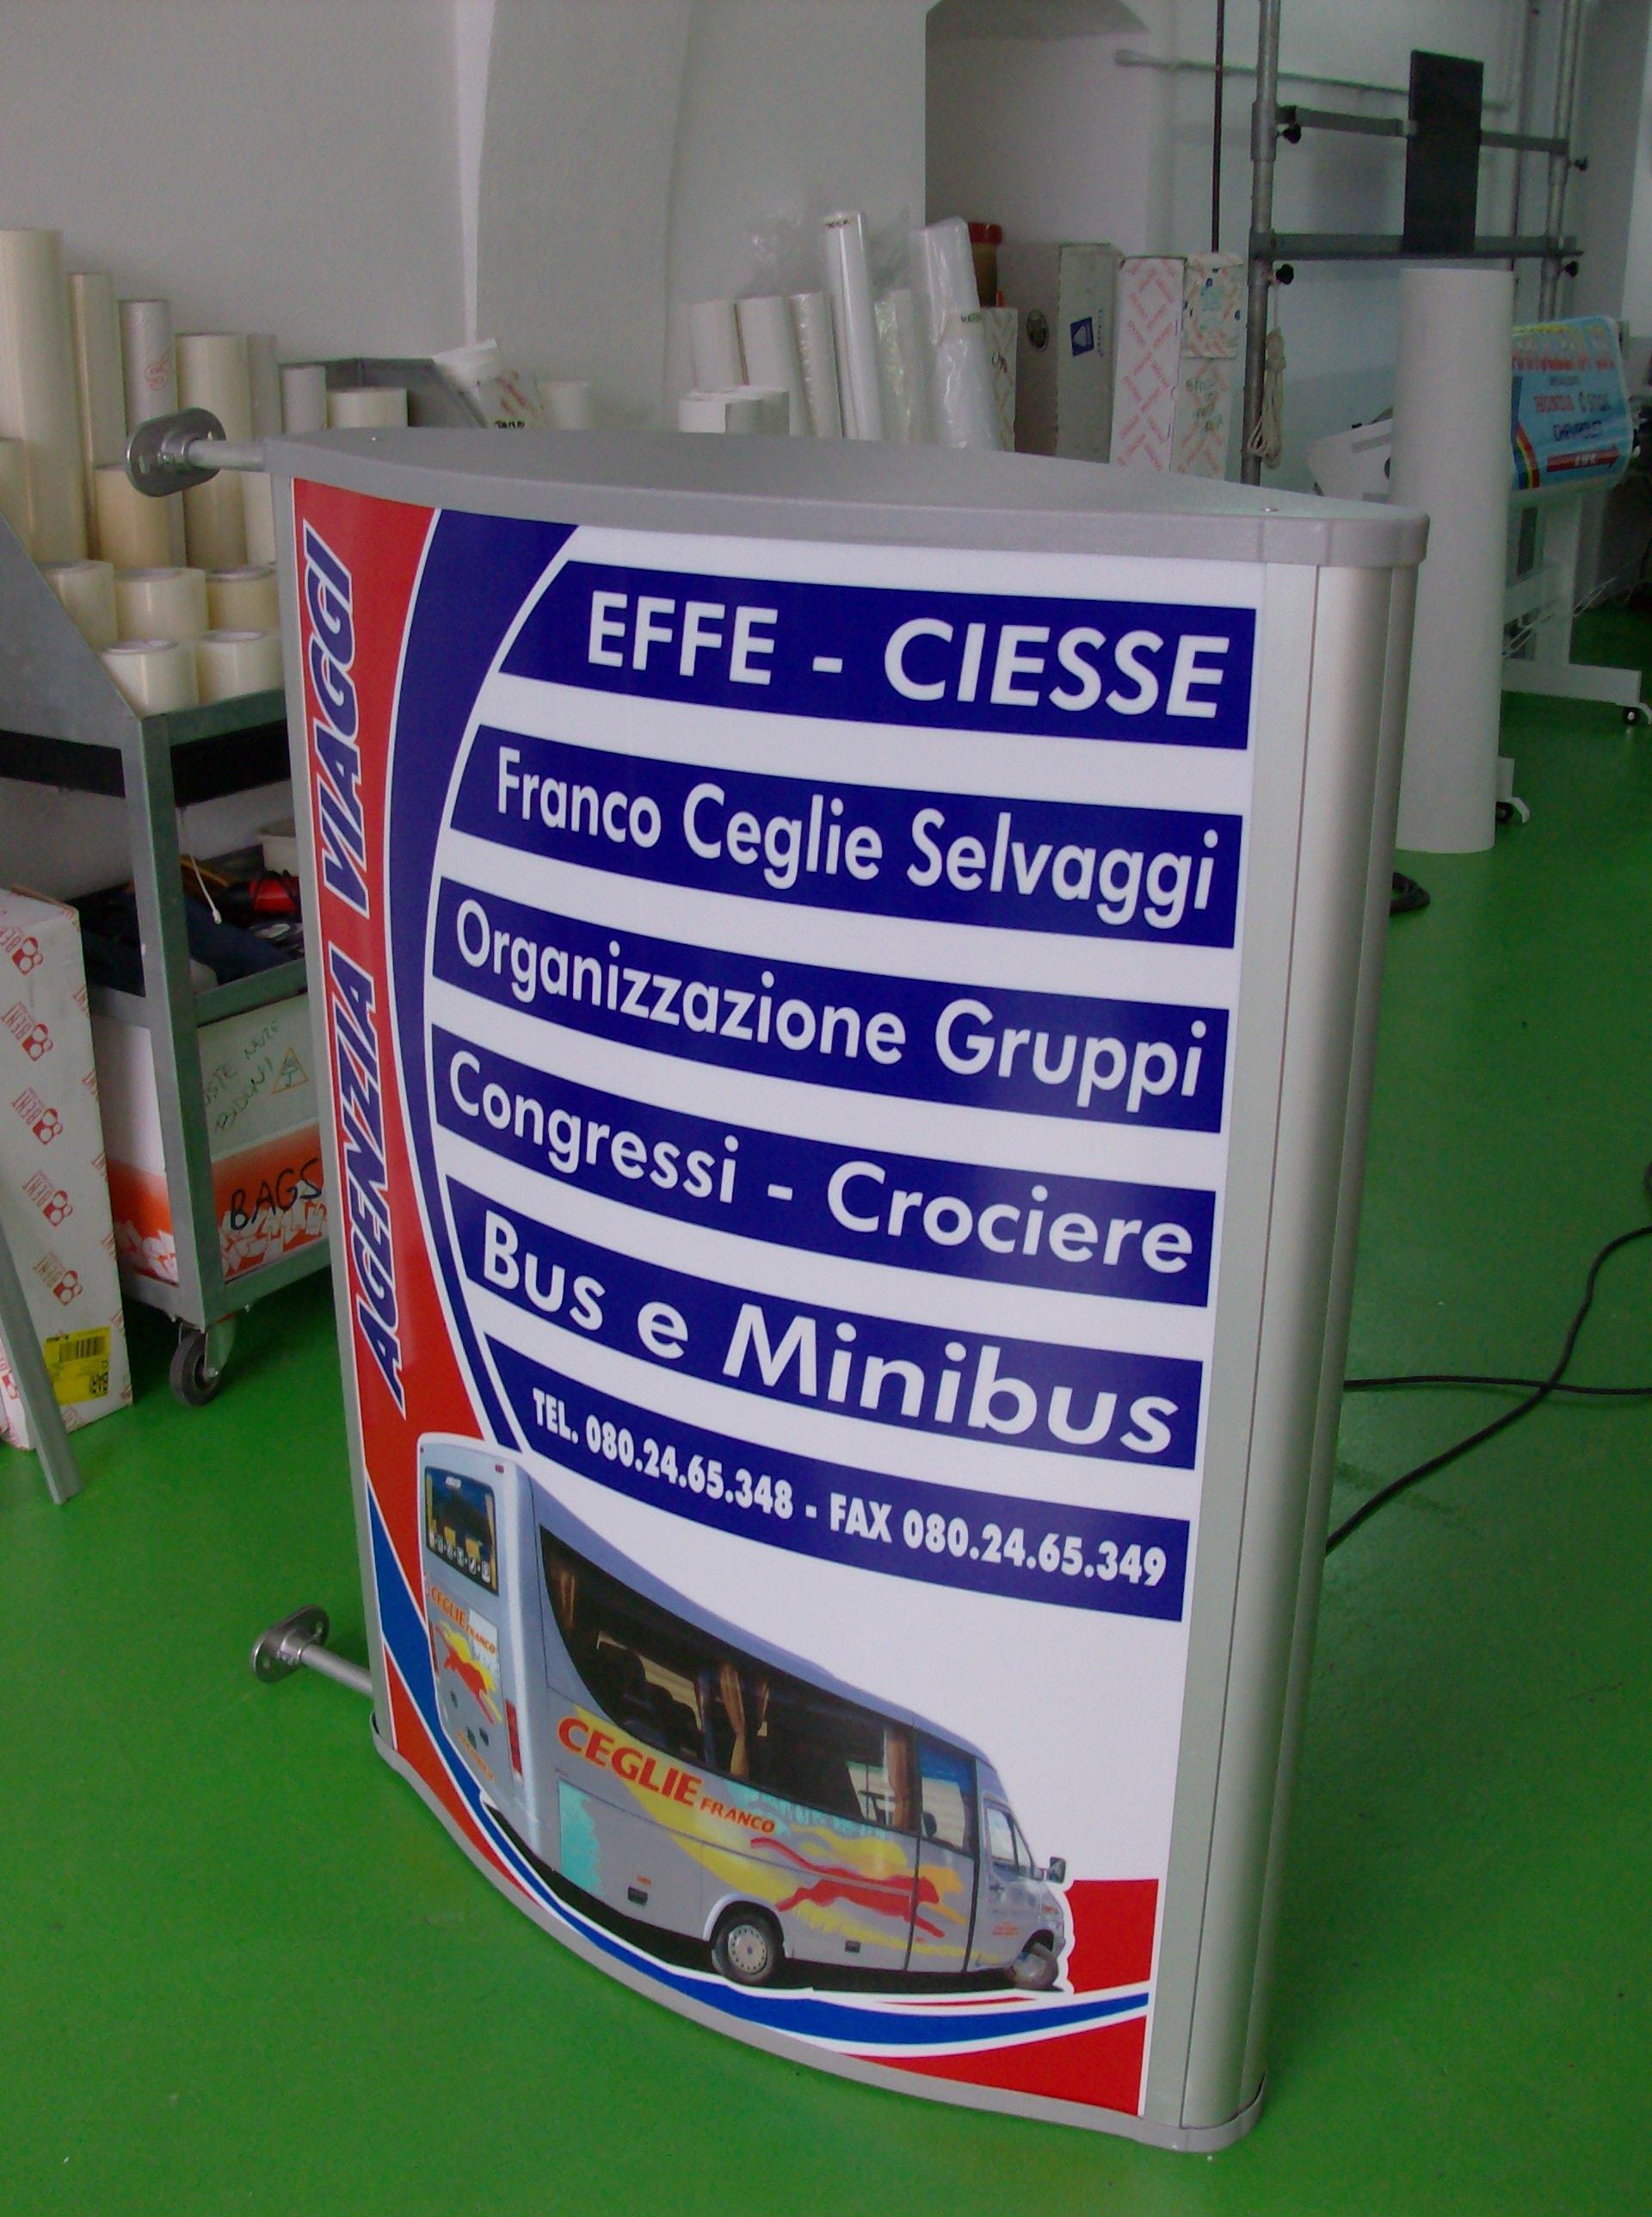 Franco Ceglie